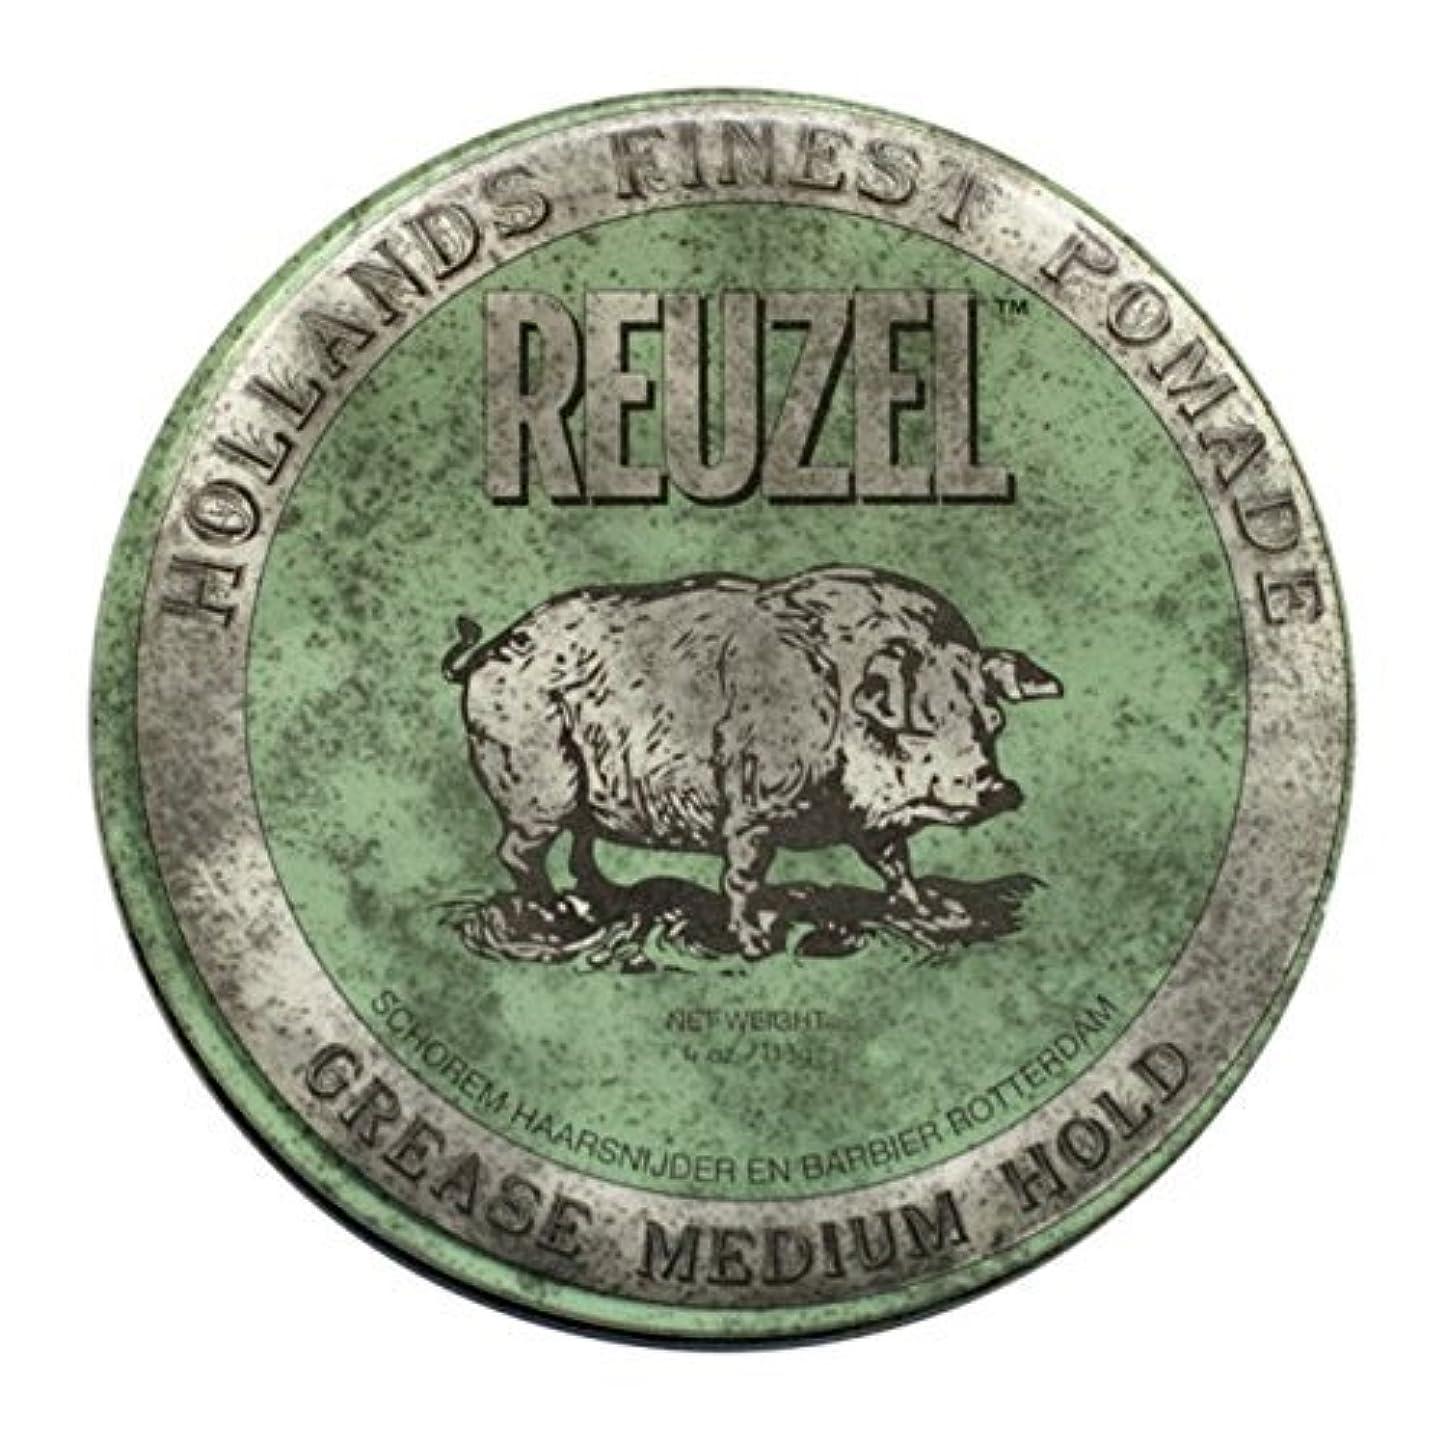 馬鹿石の親指REUZEL Grease Hold Hair Styling Pomade Piglet Wax/Gel, Medium, Green, 1.3 oz, 35g [並行輸入品]